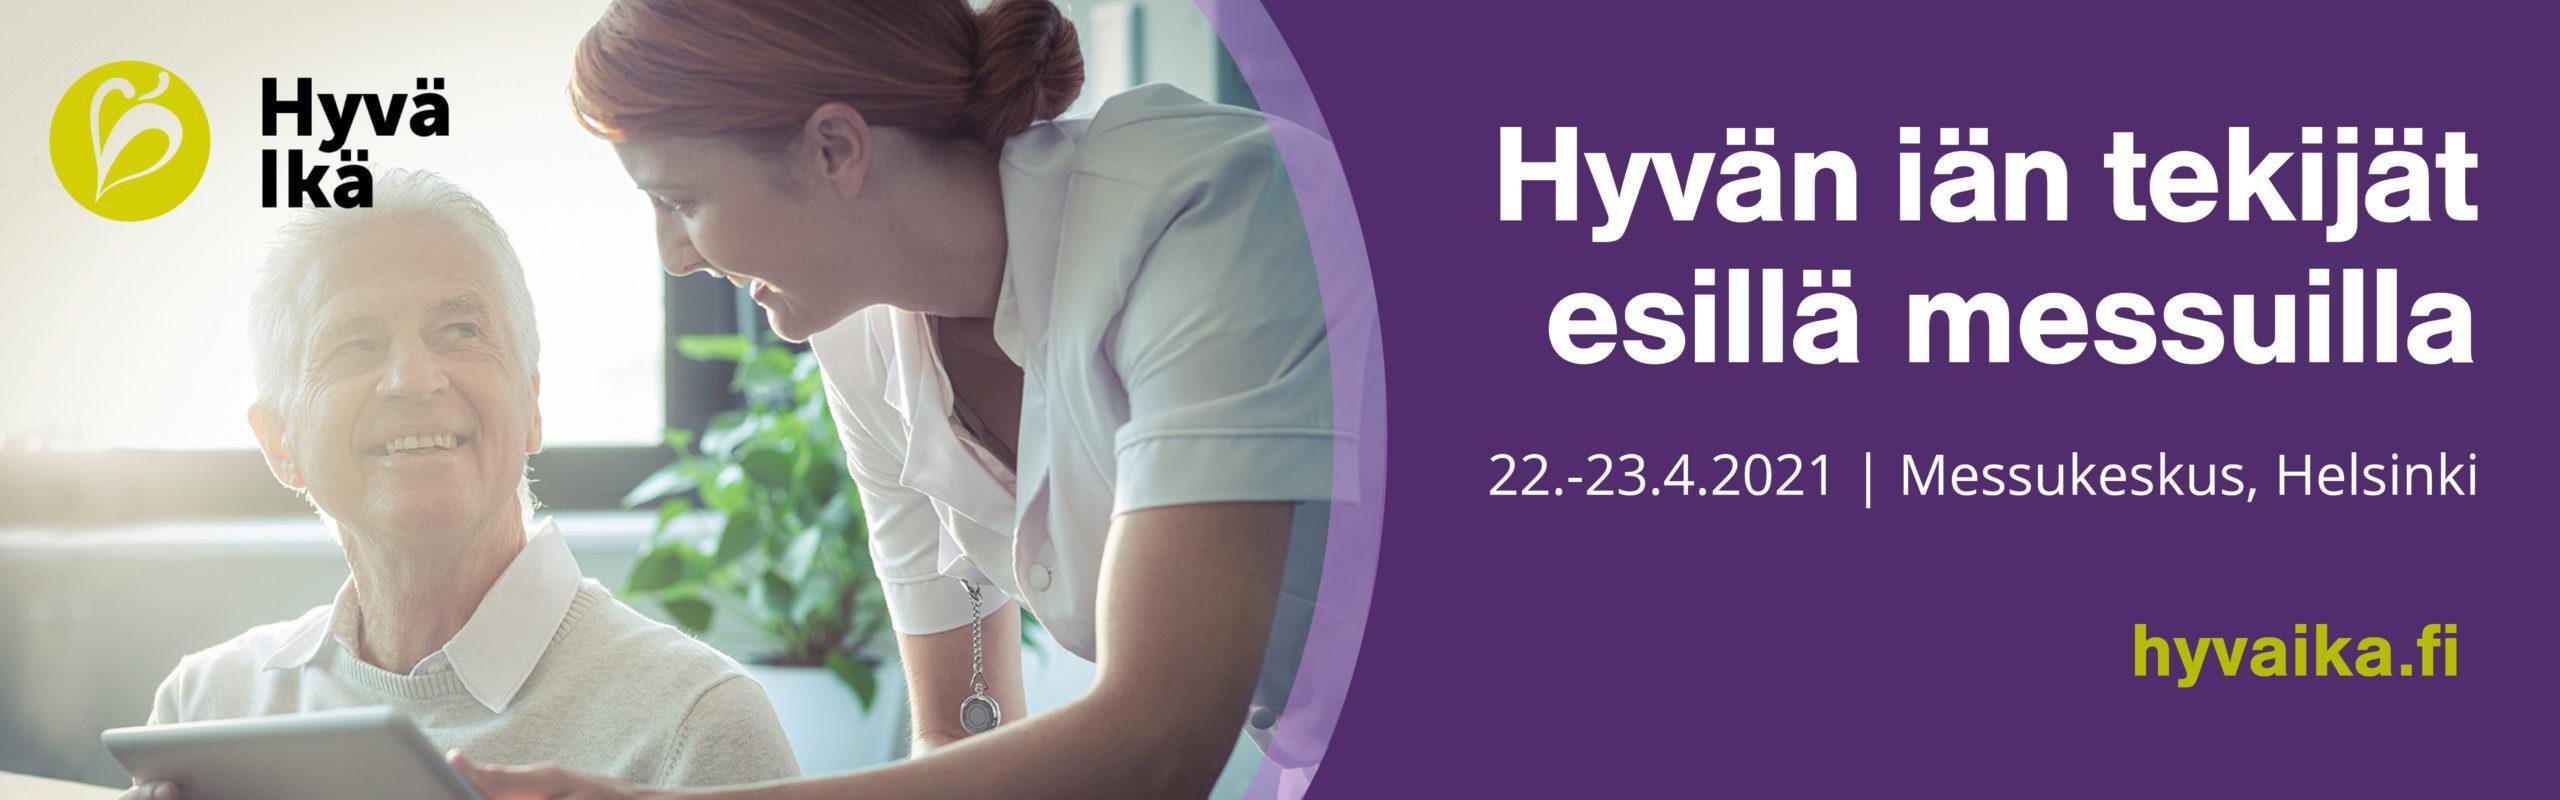 Hyvä Ikä messut 22.-23.4.2021 Helsingin messukeskuksessa